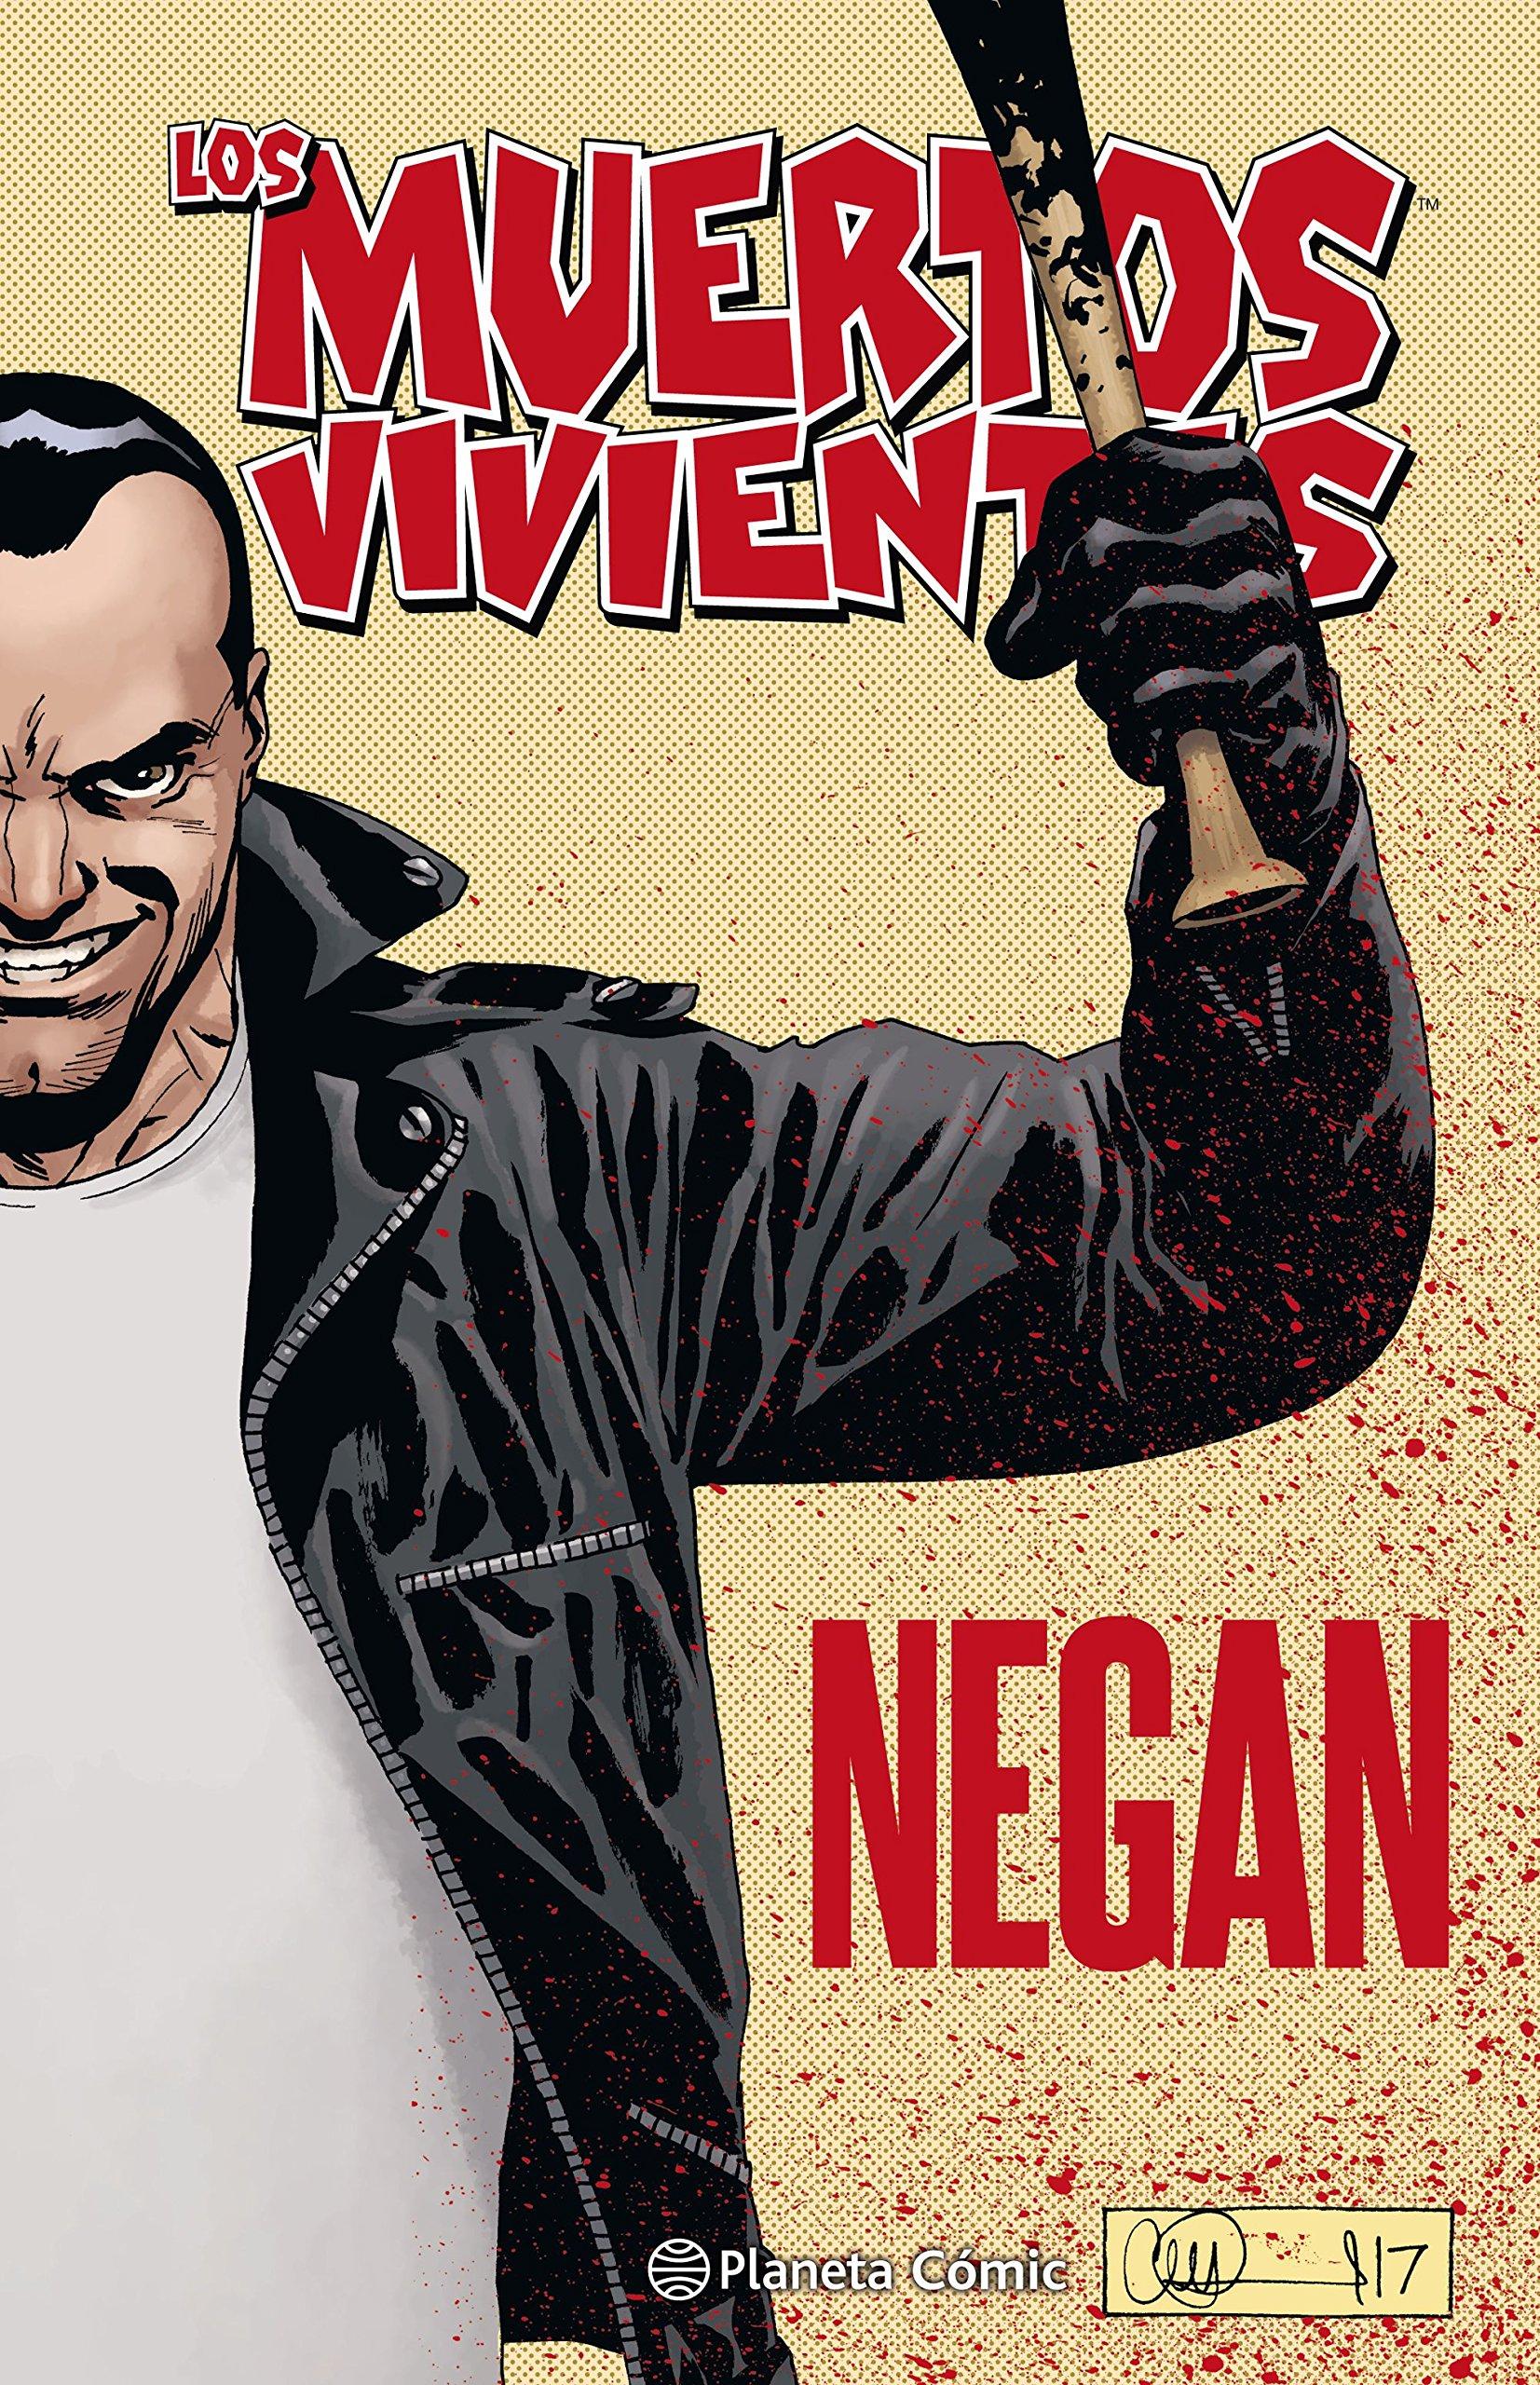 Los muertos vivientes Negan Los Muertos Vivientes The Walking Dead Cómic: Amazon.es: Kirkman, Robert, Adlard, Charlie, Bentz, Ignacio: Libros